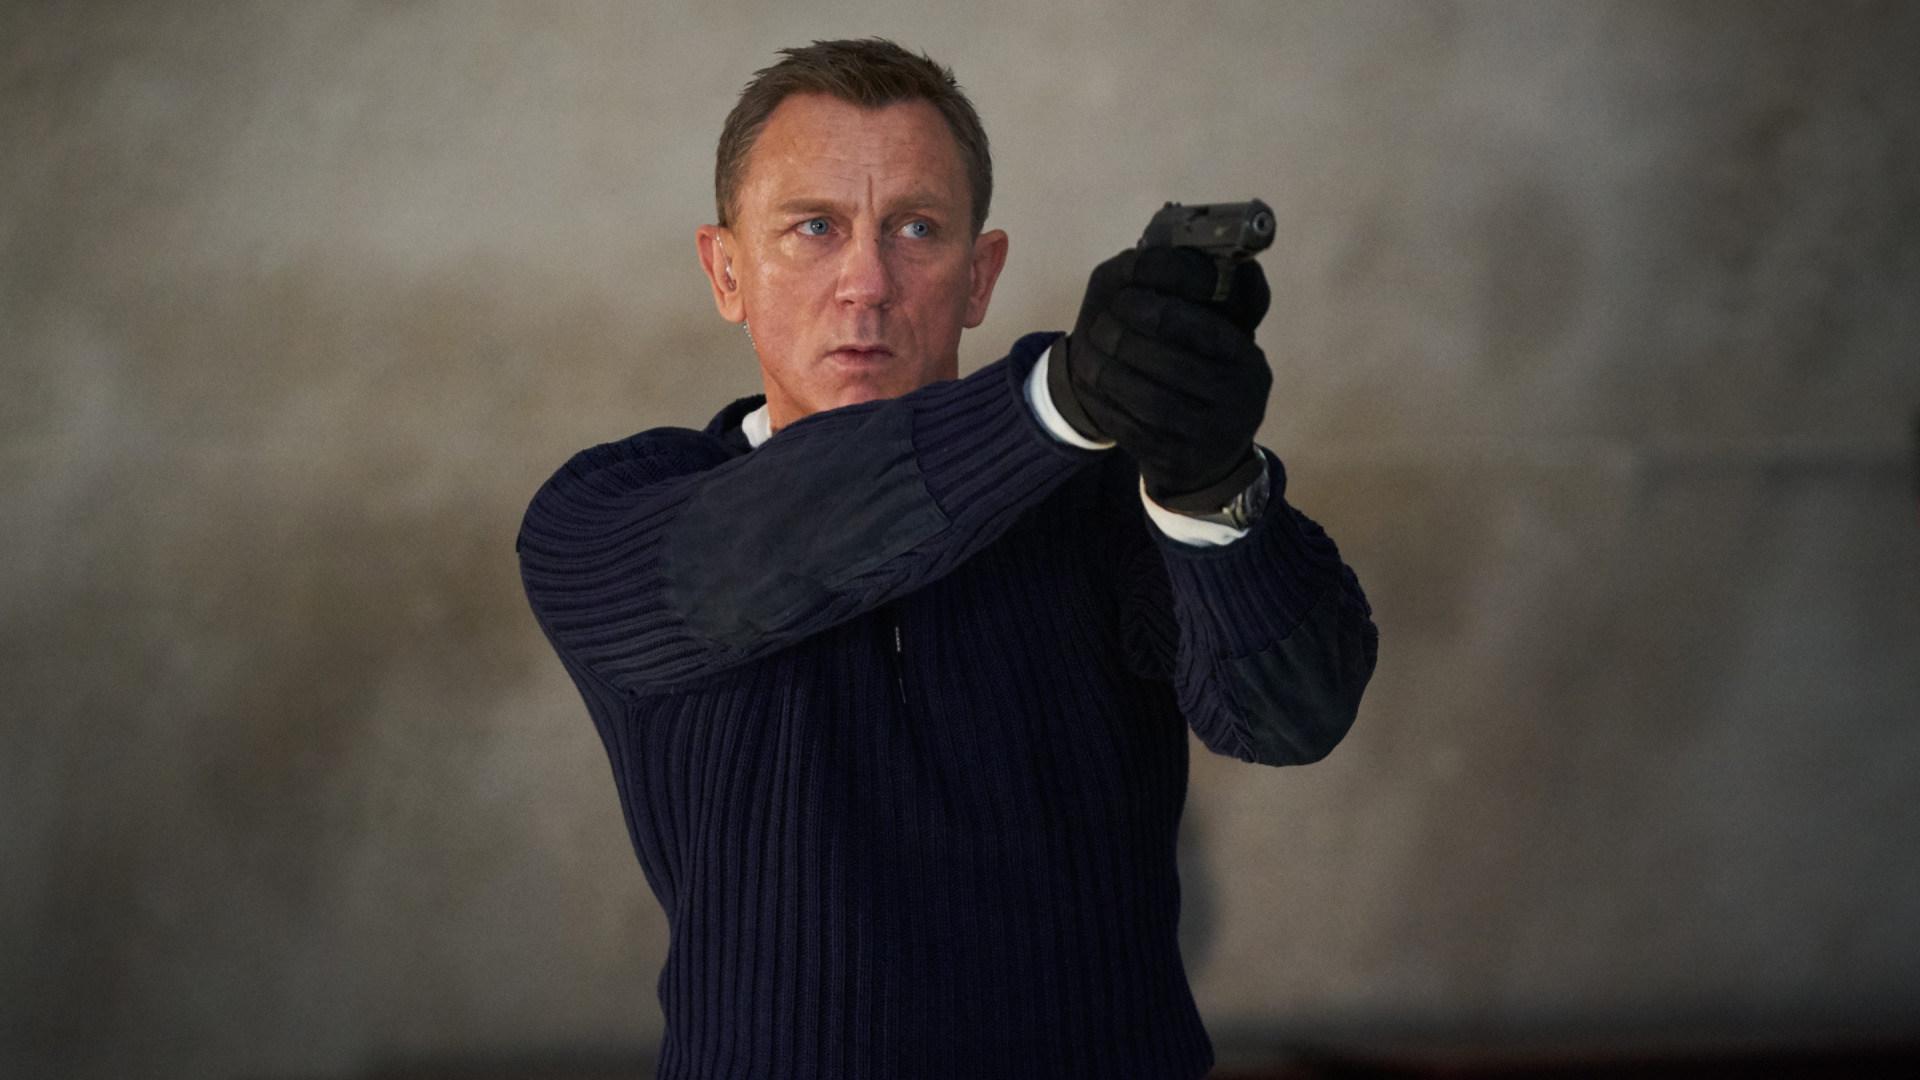 Kinofilm, James Bond, Keine Zeit zu sterben, No Time to Die, Actionfilm, Daniel Craig